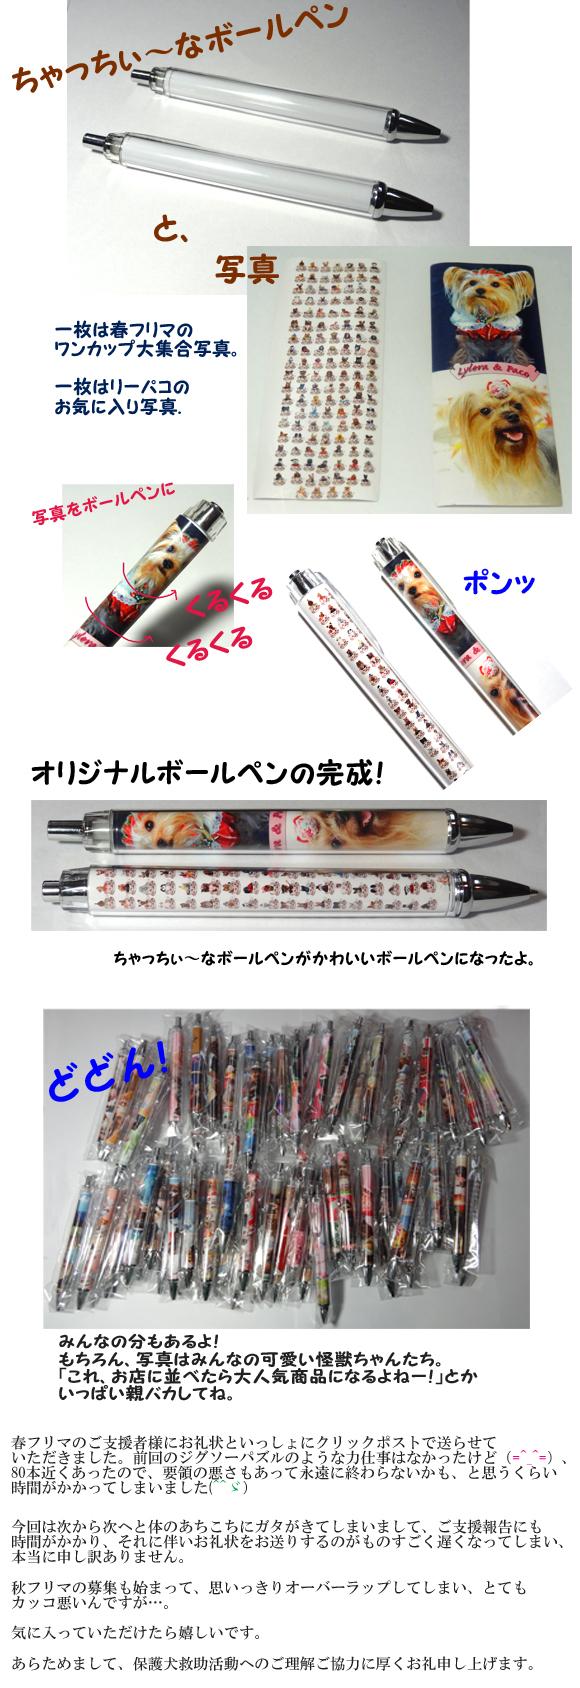 ボールペン製作 のコピー